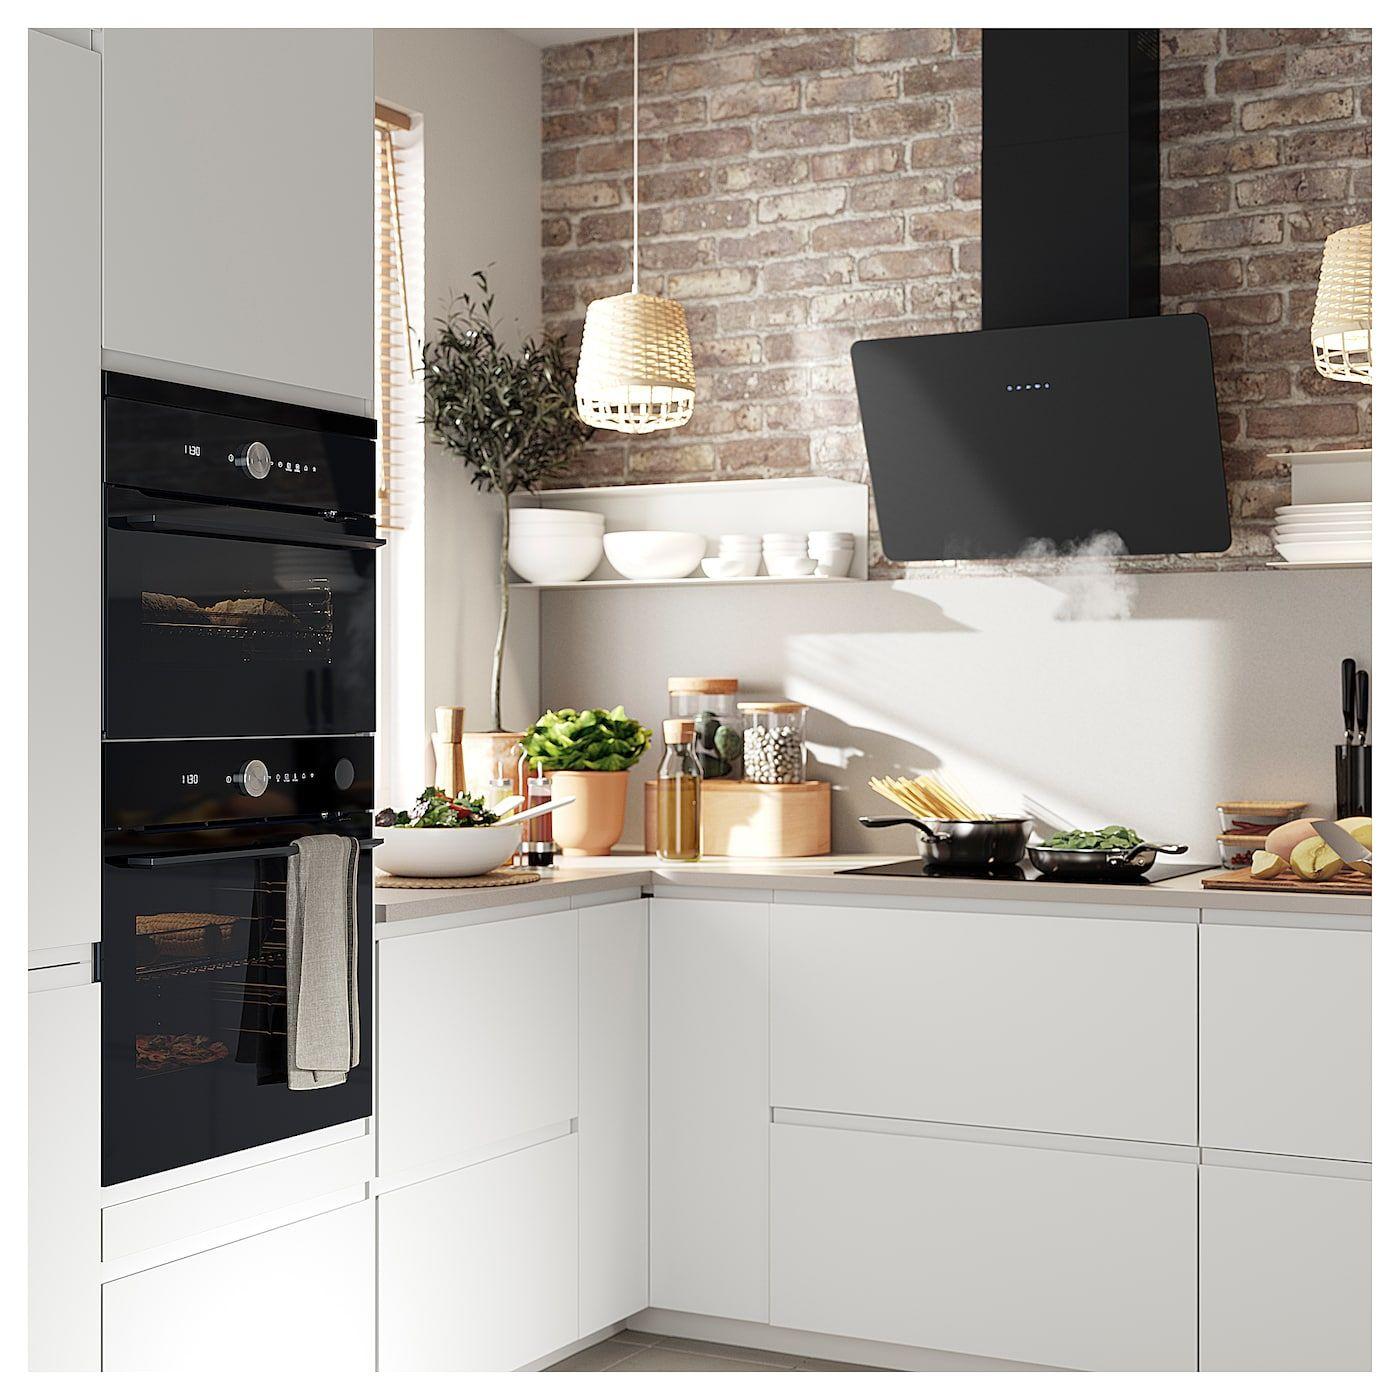 Cucina Bianca E Nera Ikea finsmakare cappa da fissare alla parete - nero nel 2020